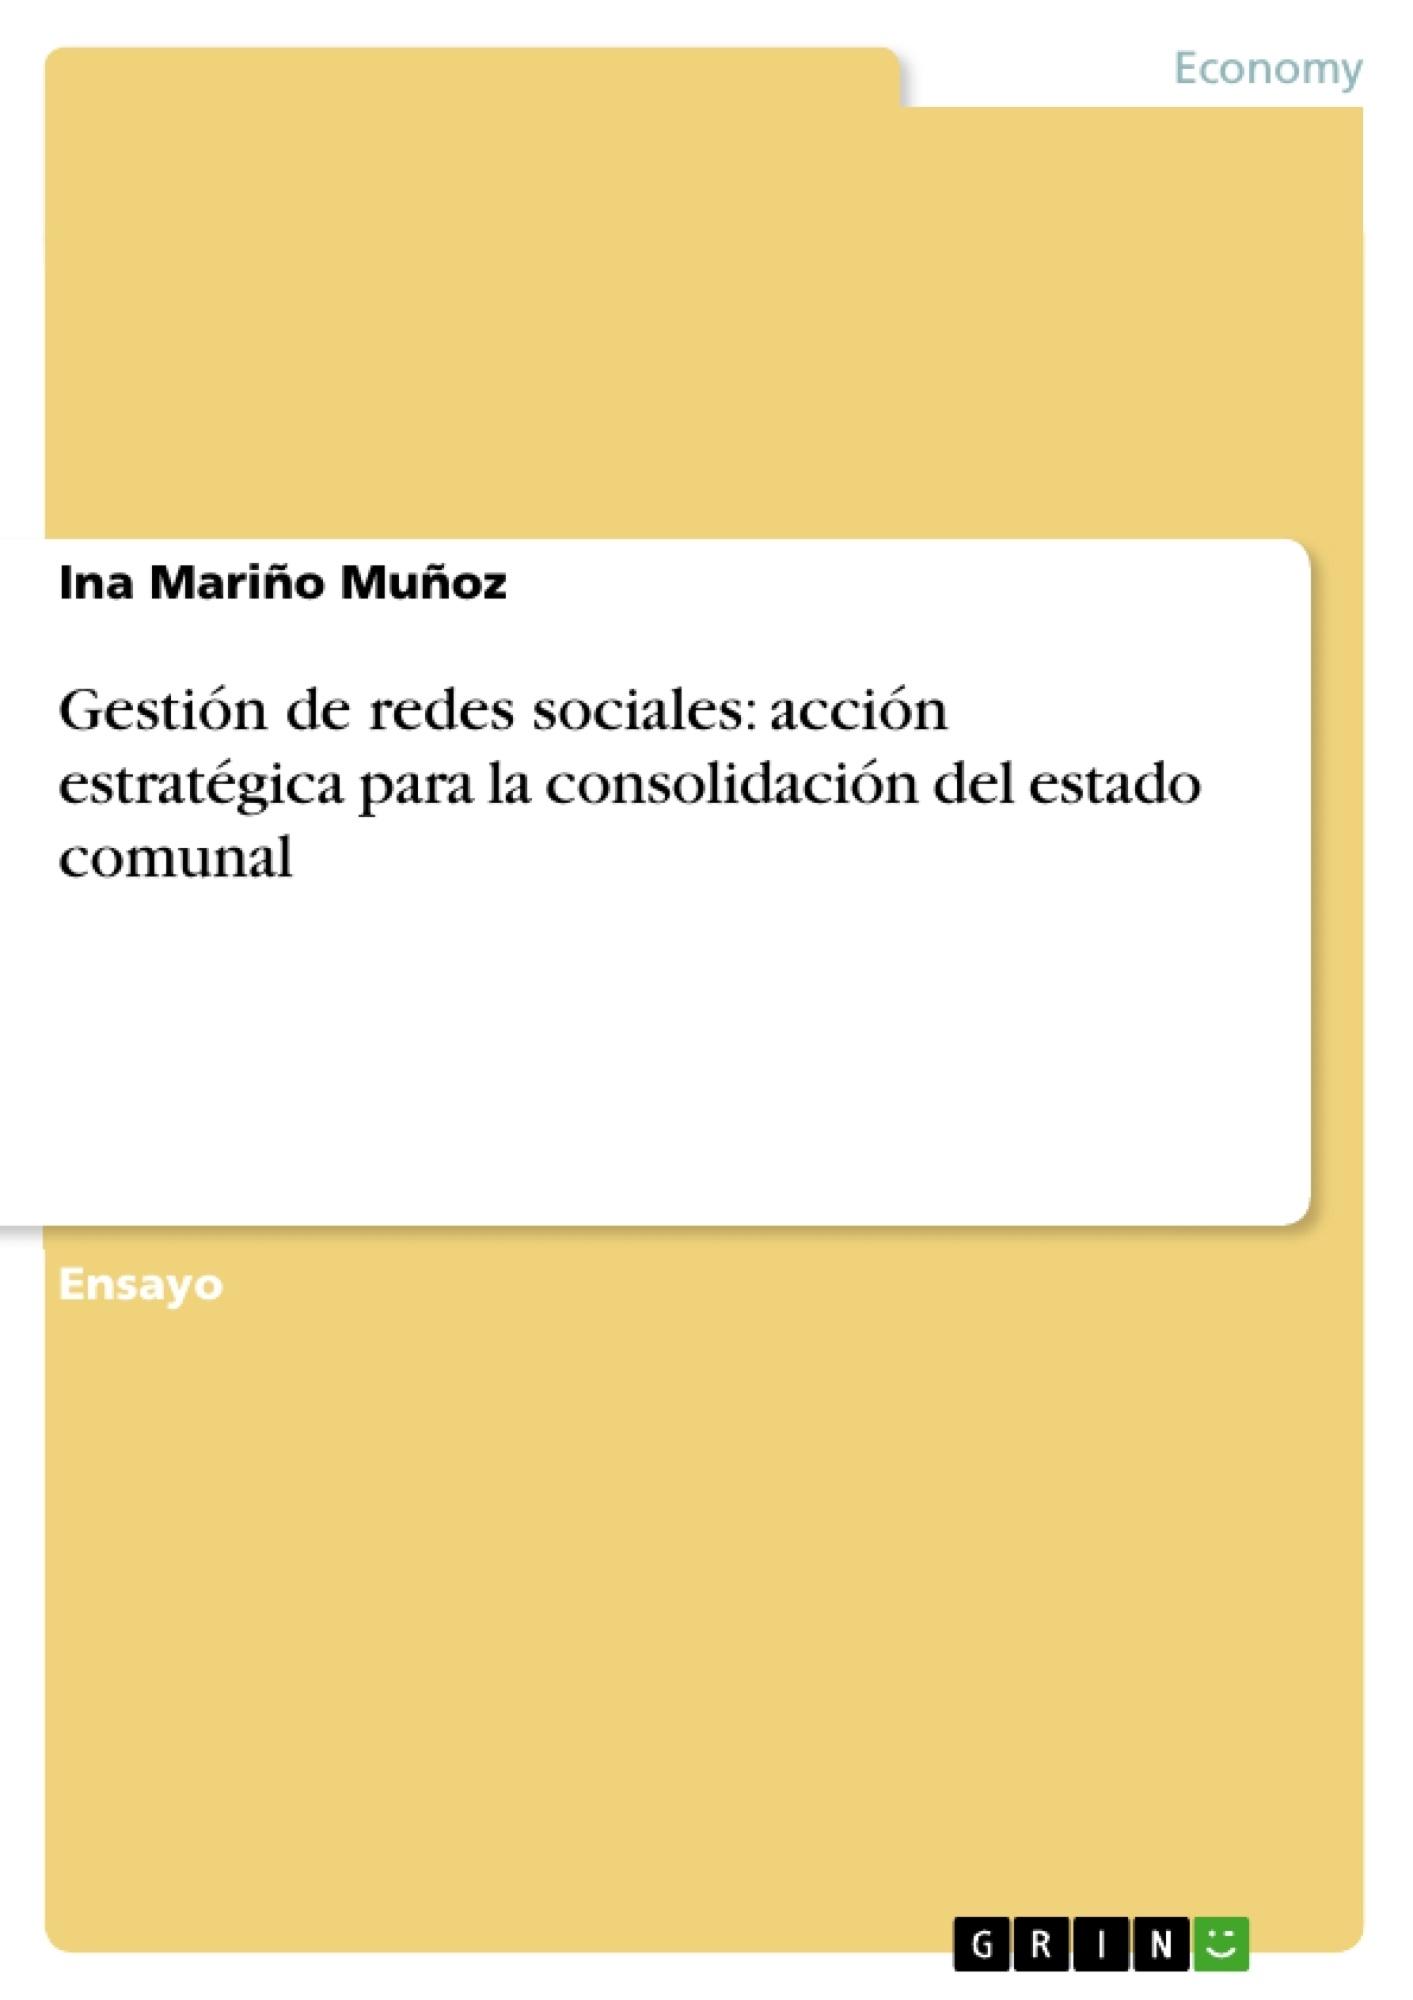 Título: Gestión de redes sociales: acción estratégica para la consolidación del estado comunal